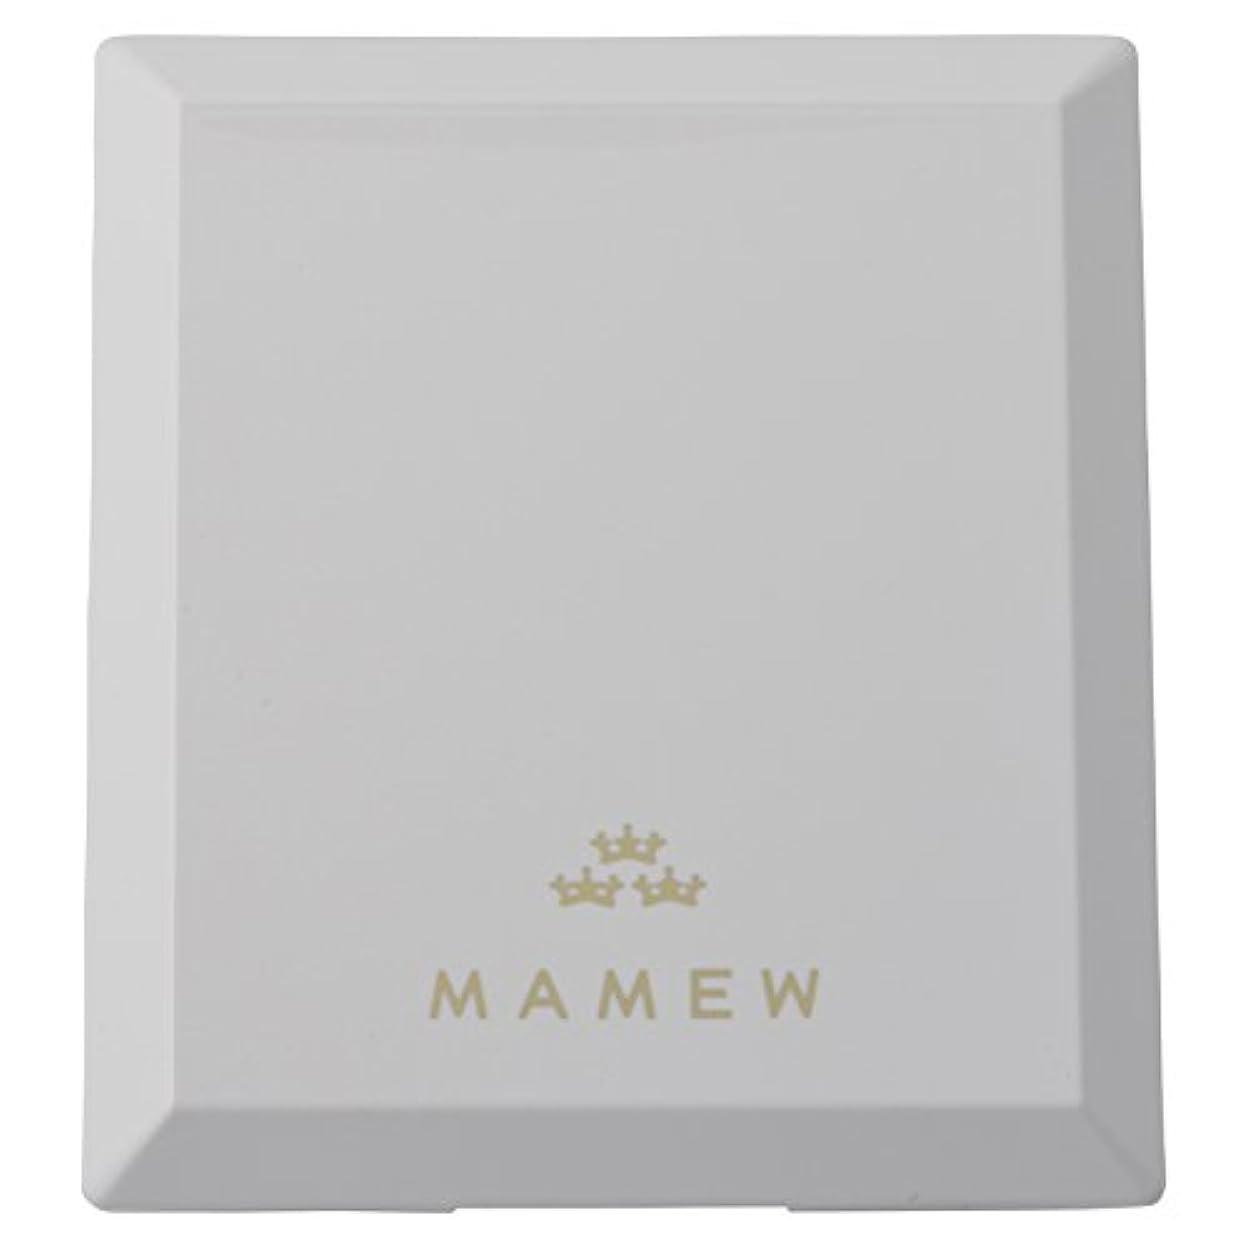 ストレッチ性的北方MAMEW(マミュ) カラーコレクションケース-メイクパレッド 鏡付き